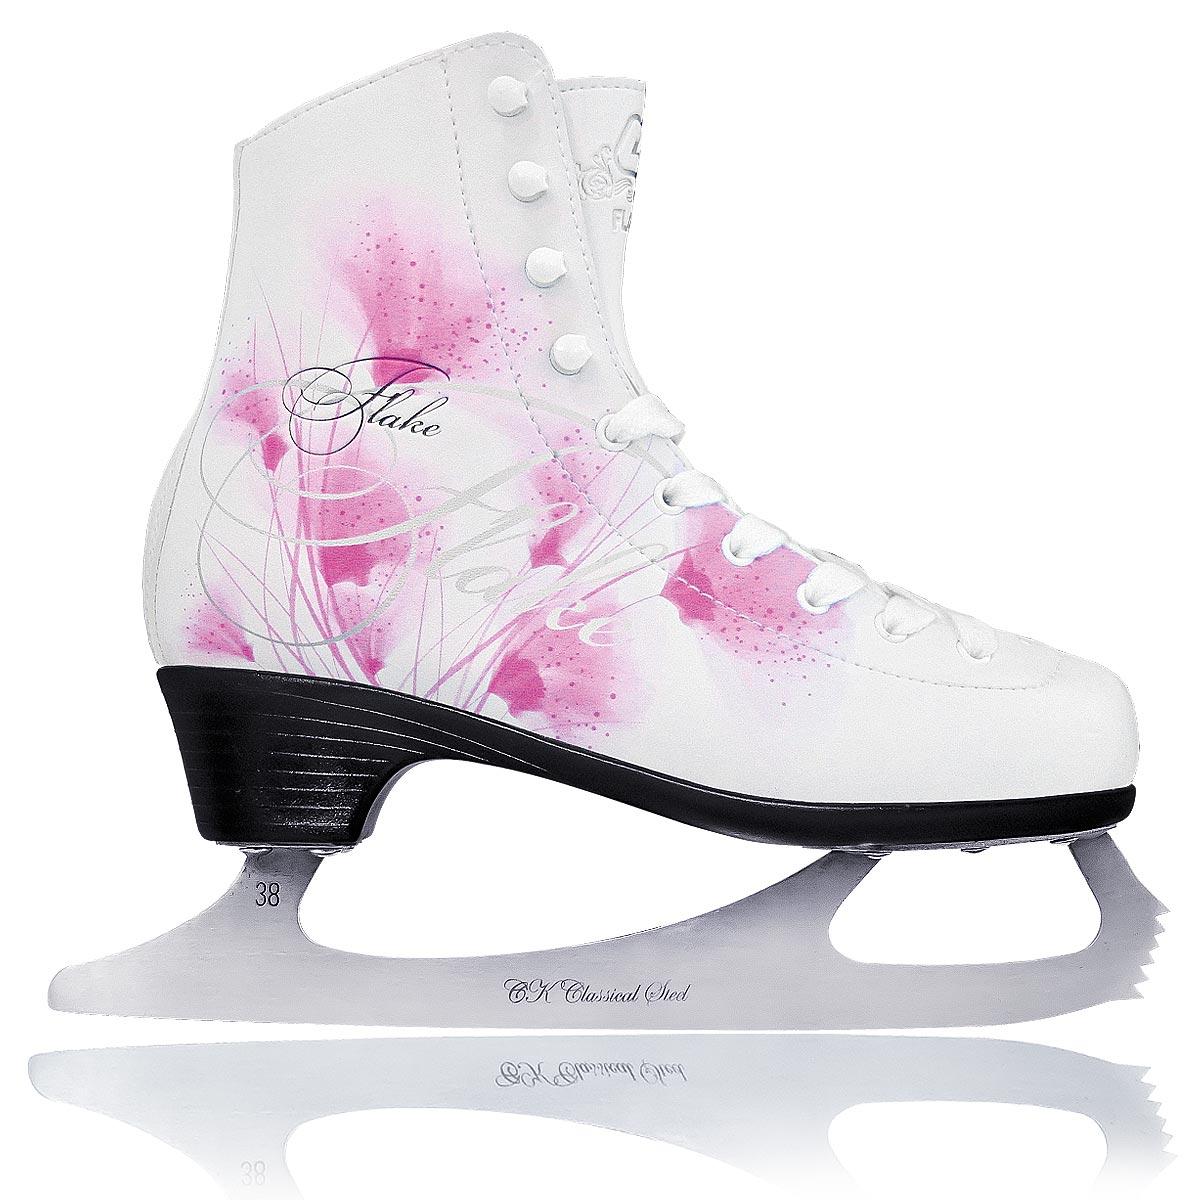 Коньки фигурные для девочки CK Flake Leather, цвет: белый, фуксия. Размер 32FLAKE leather_белый, фуксия_32